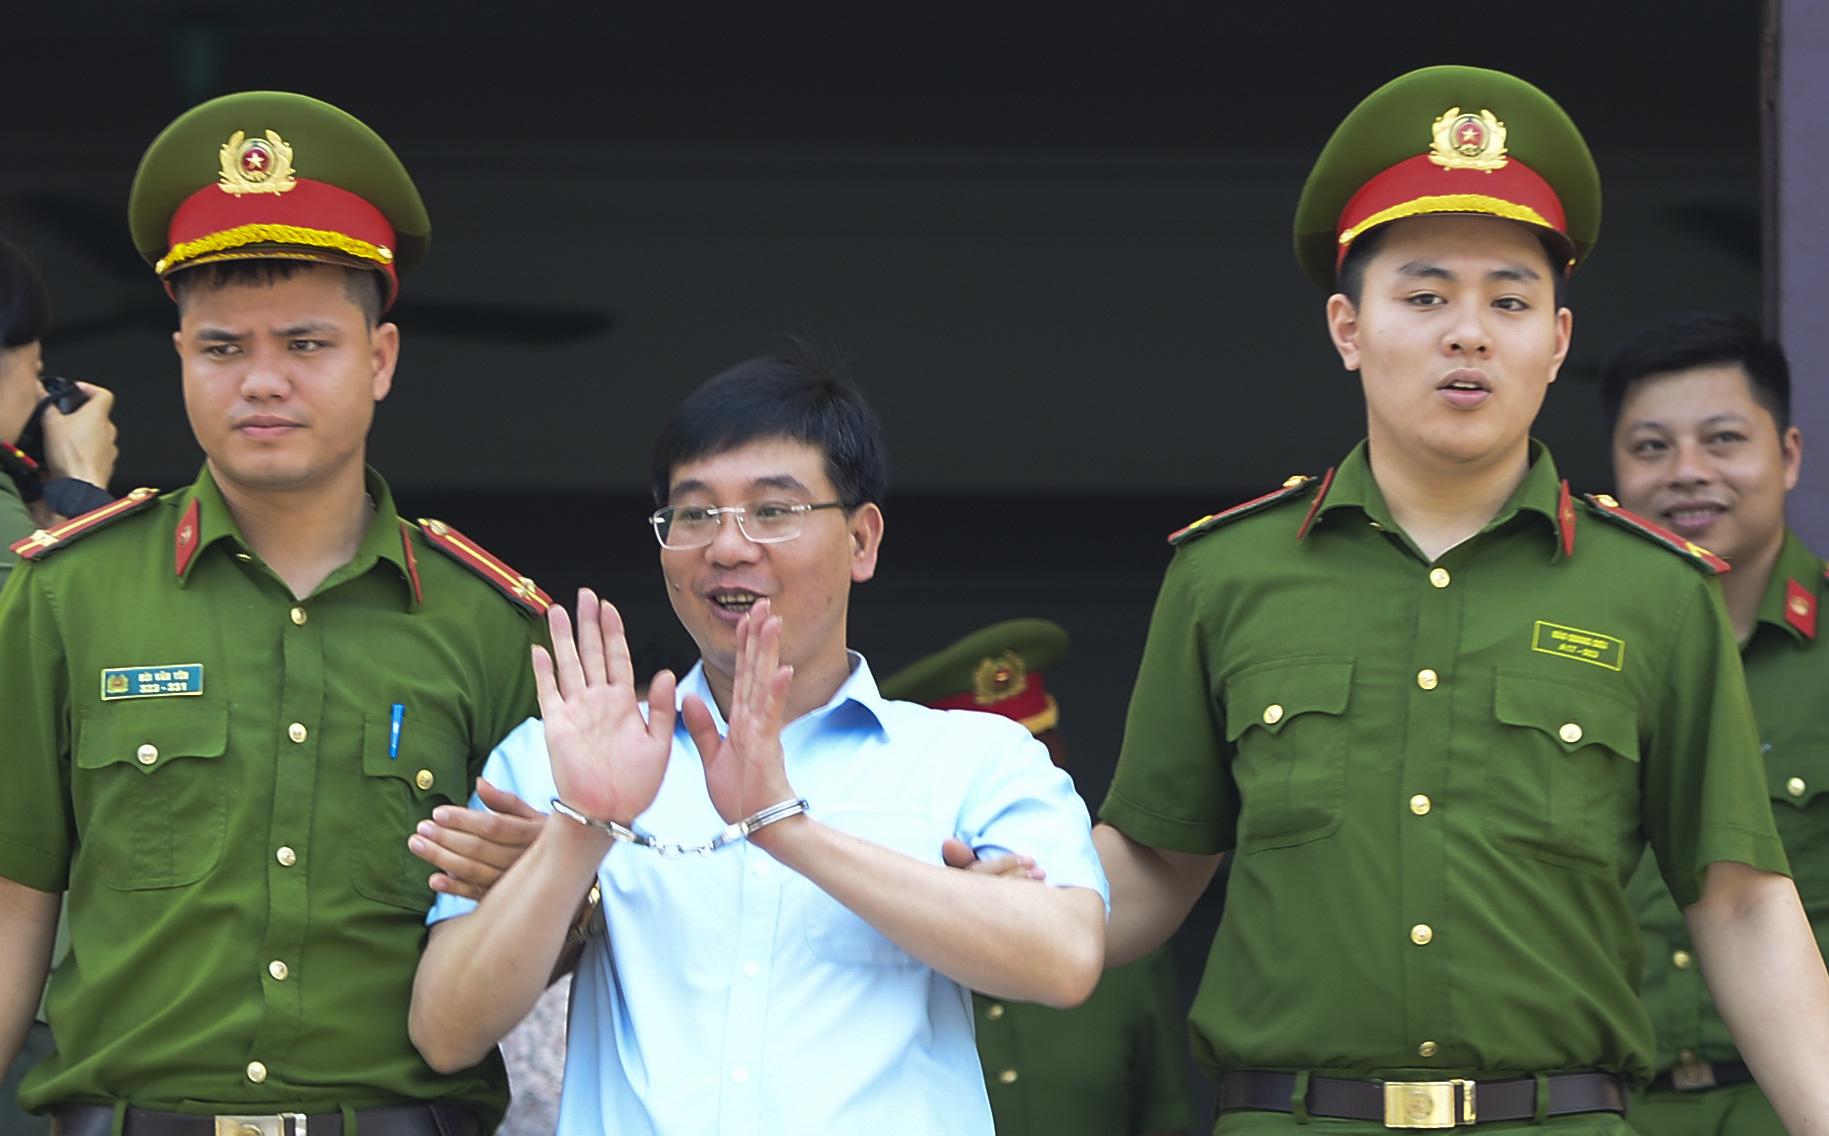 Kẻ khóc, người cười sau khi kết thúc phiên tòa sơ thẩm vụ án gian lận điểm thi ở Hoà Bình